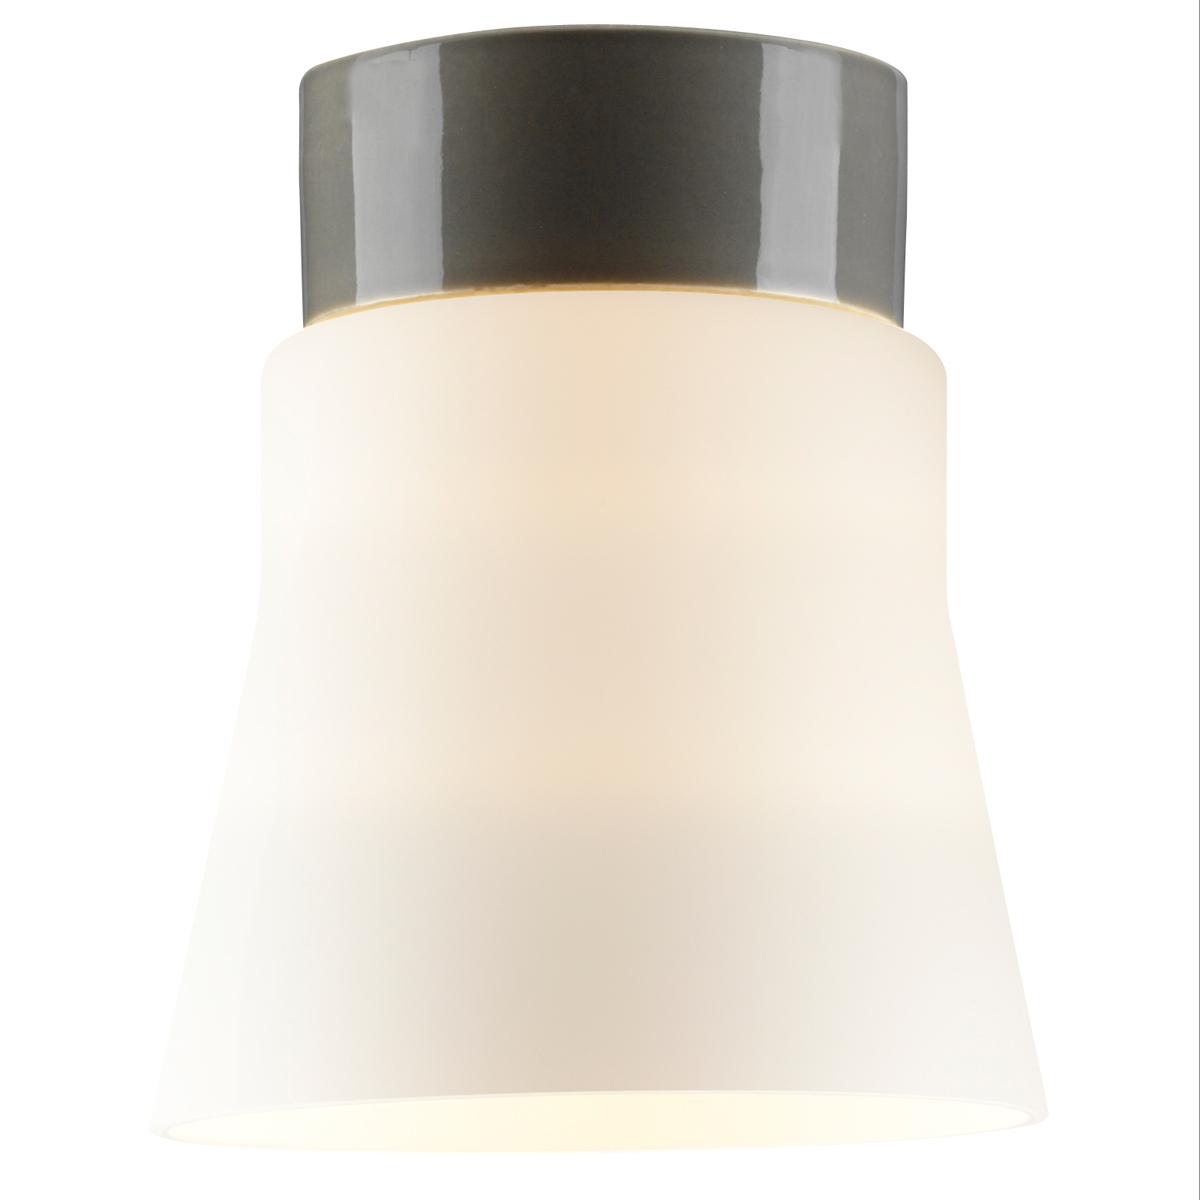 plafonnier scandinave minimaliste aux formes lanc es et fabriqu en verre et en c ramique. Black Bedroom Furniture Sets. Home Design Ideas